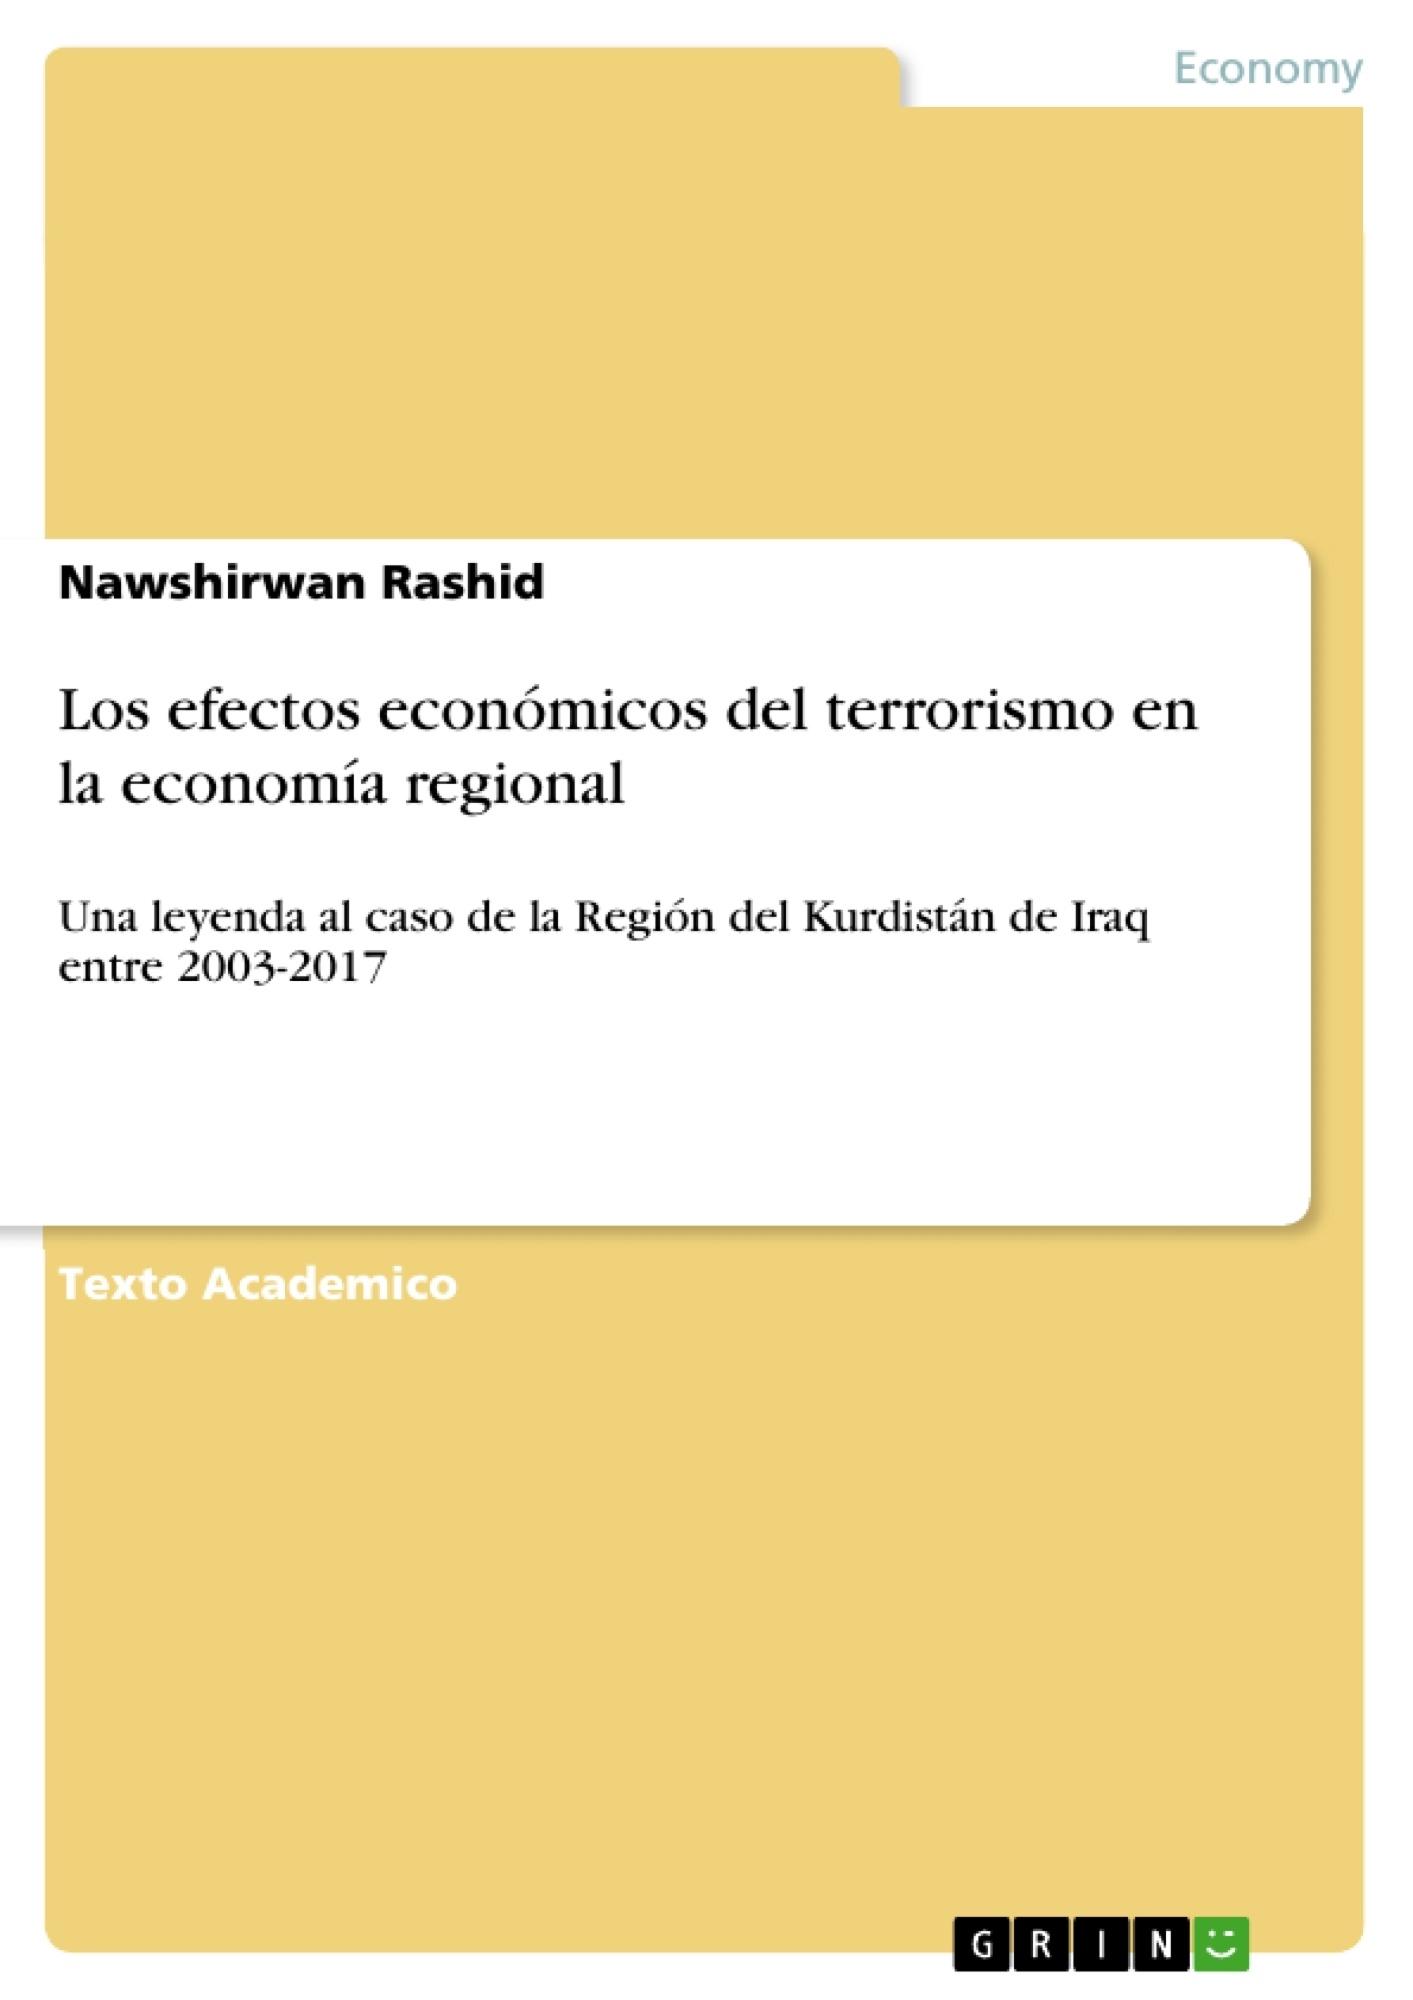 Título: Los efectos económicos del terrorismo en la economía regional